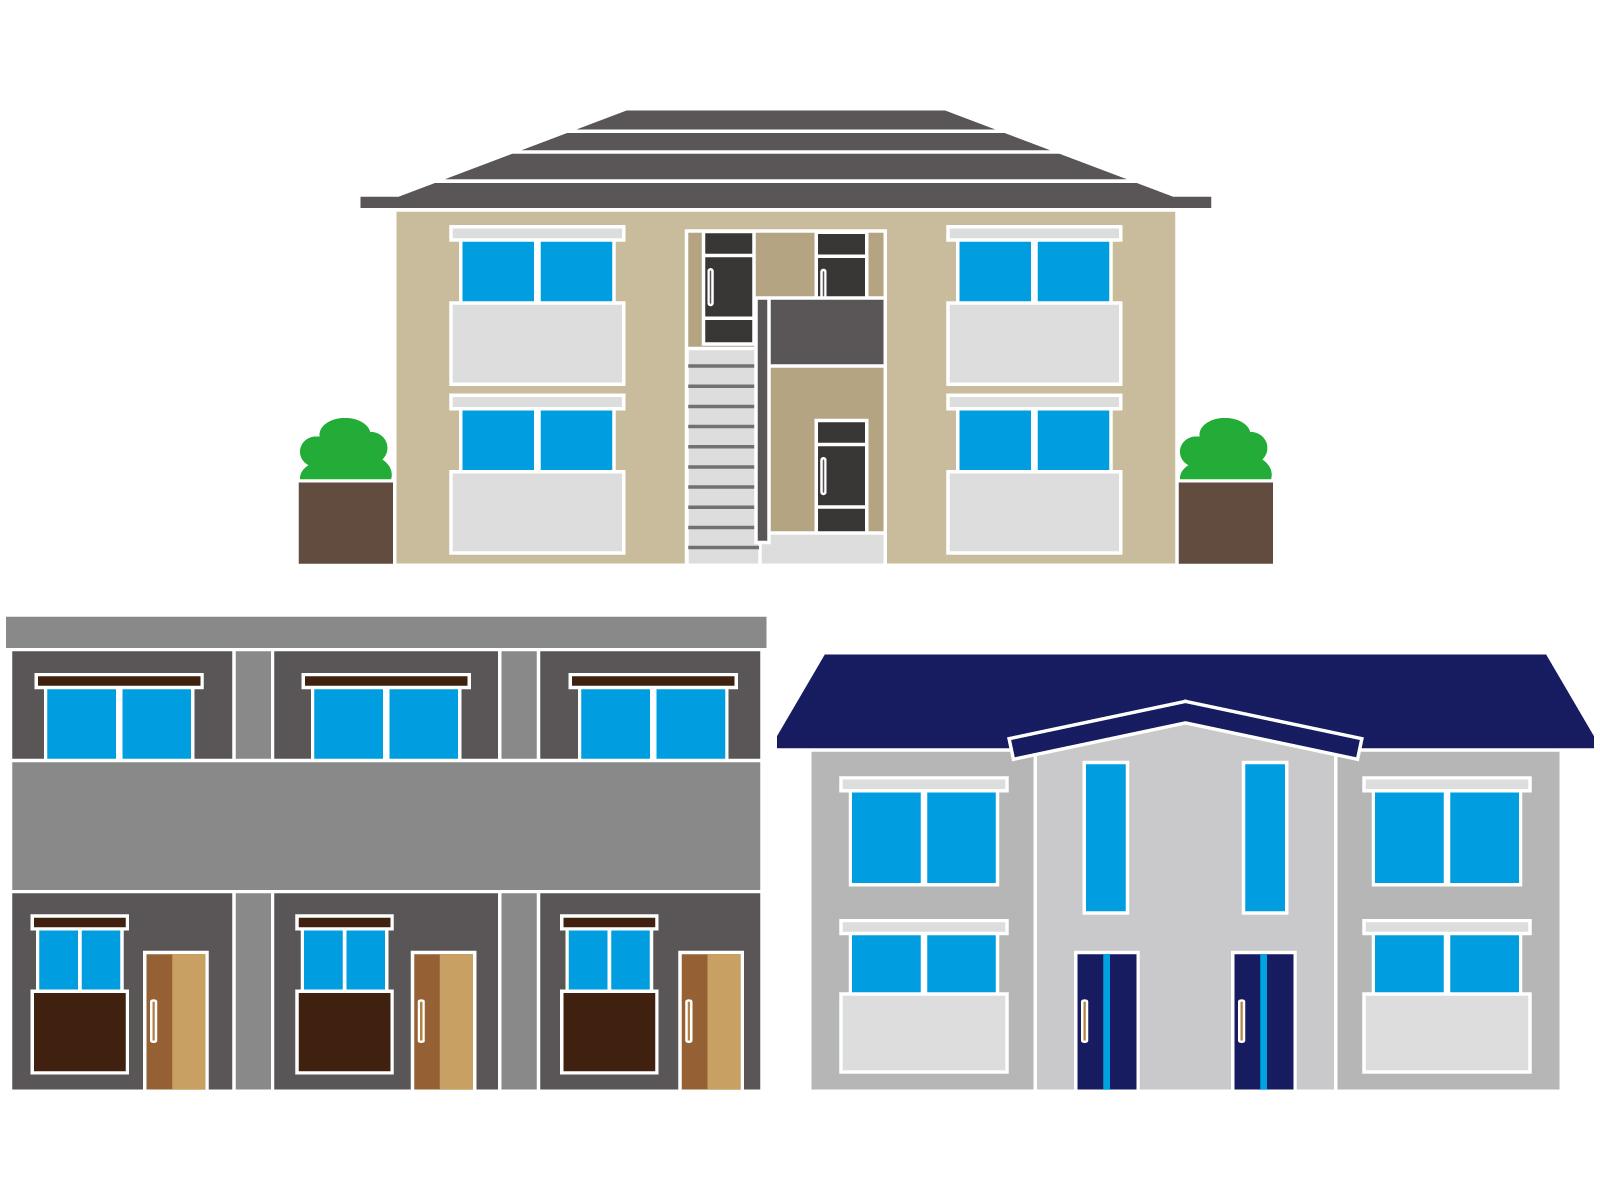 賃貸の利用目的や用途はいろいろあります。戸建てや集合住宅は「住宅」、事務所や店舗は「商業」という用途で使われ、建物管理方法もひとつひとつ異なります。